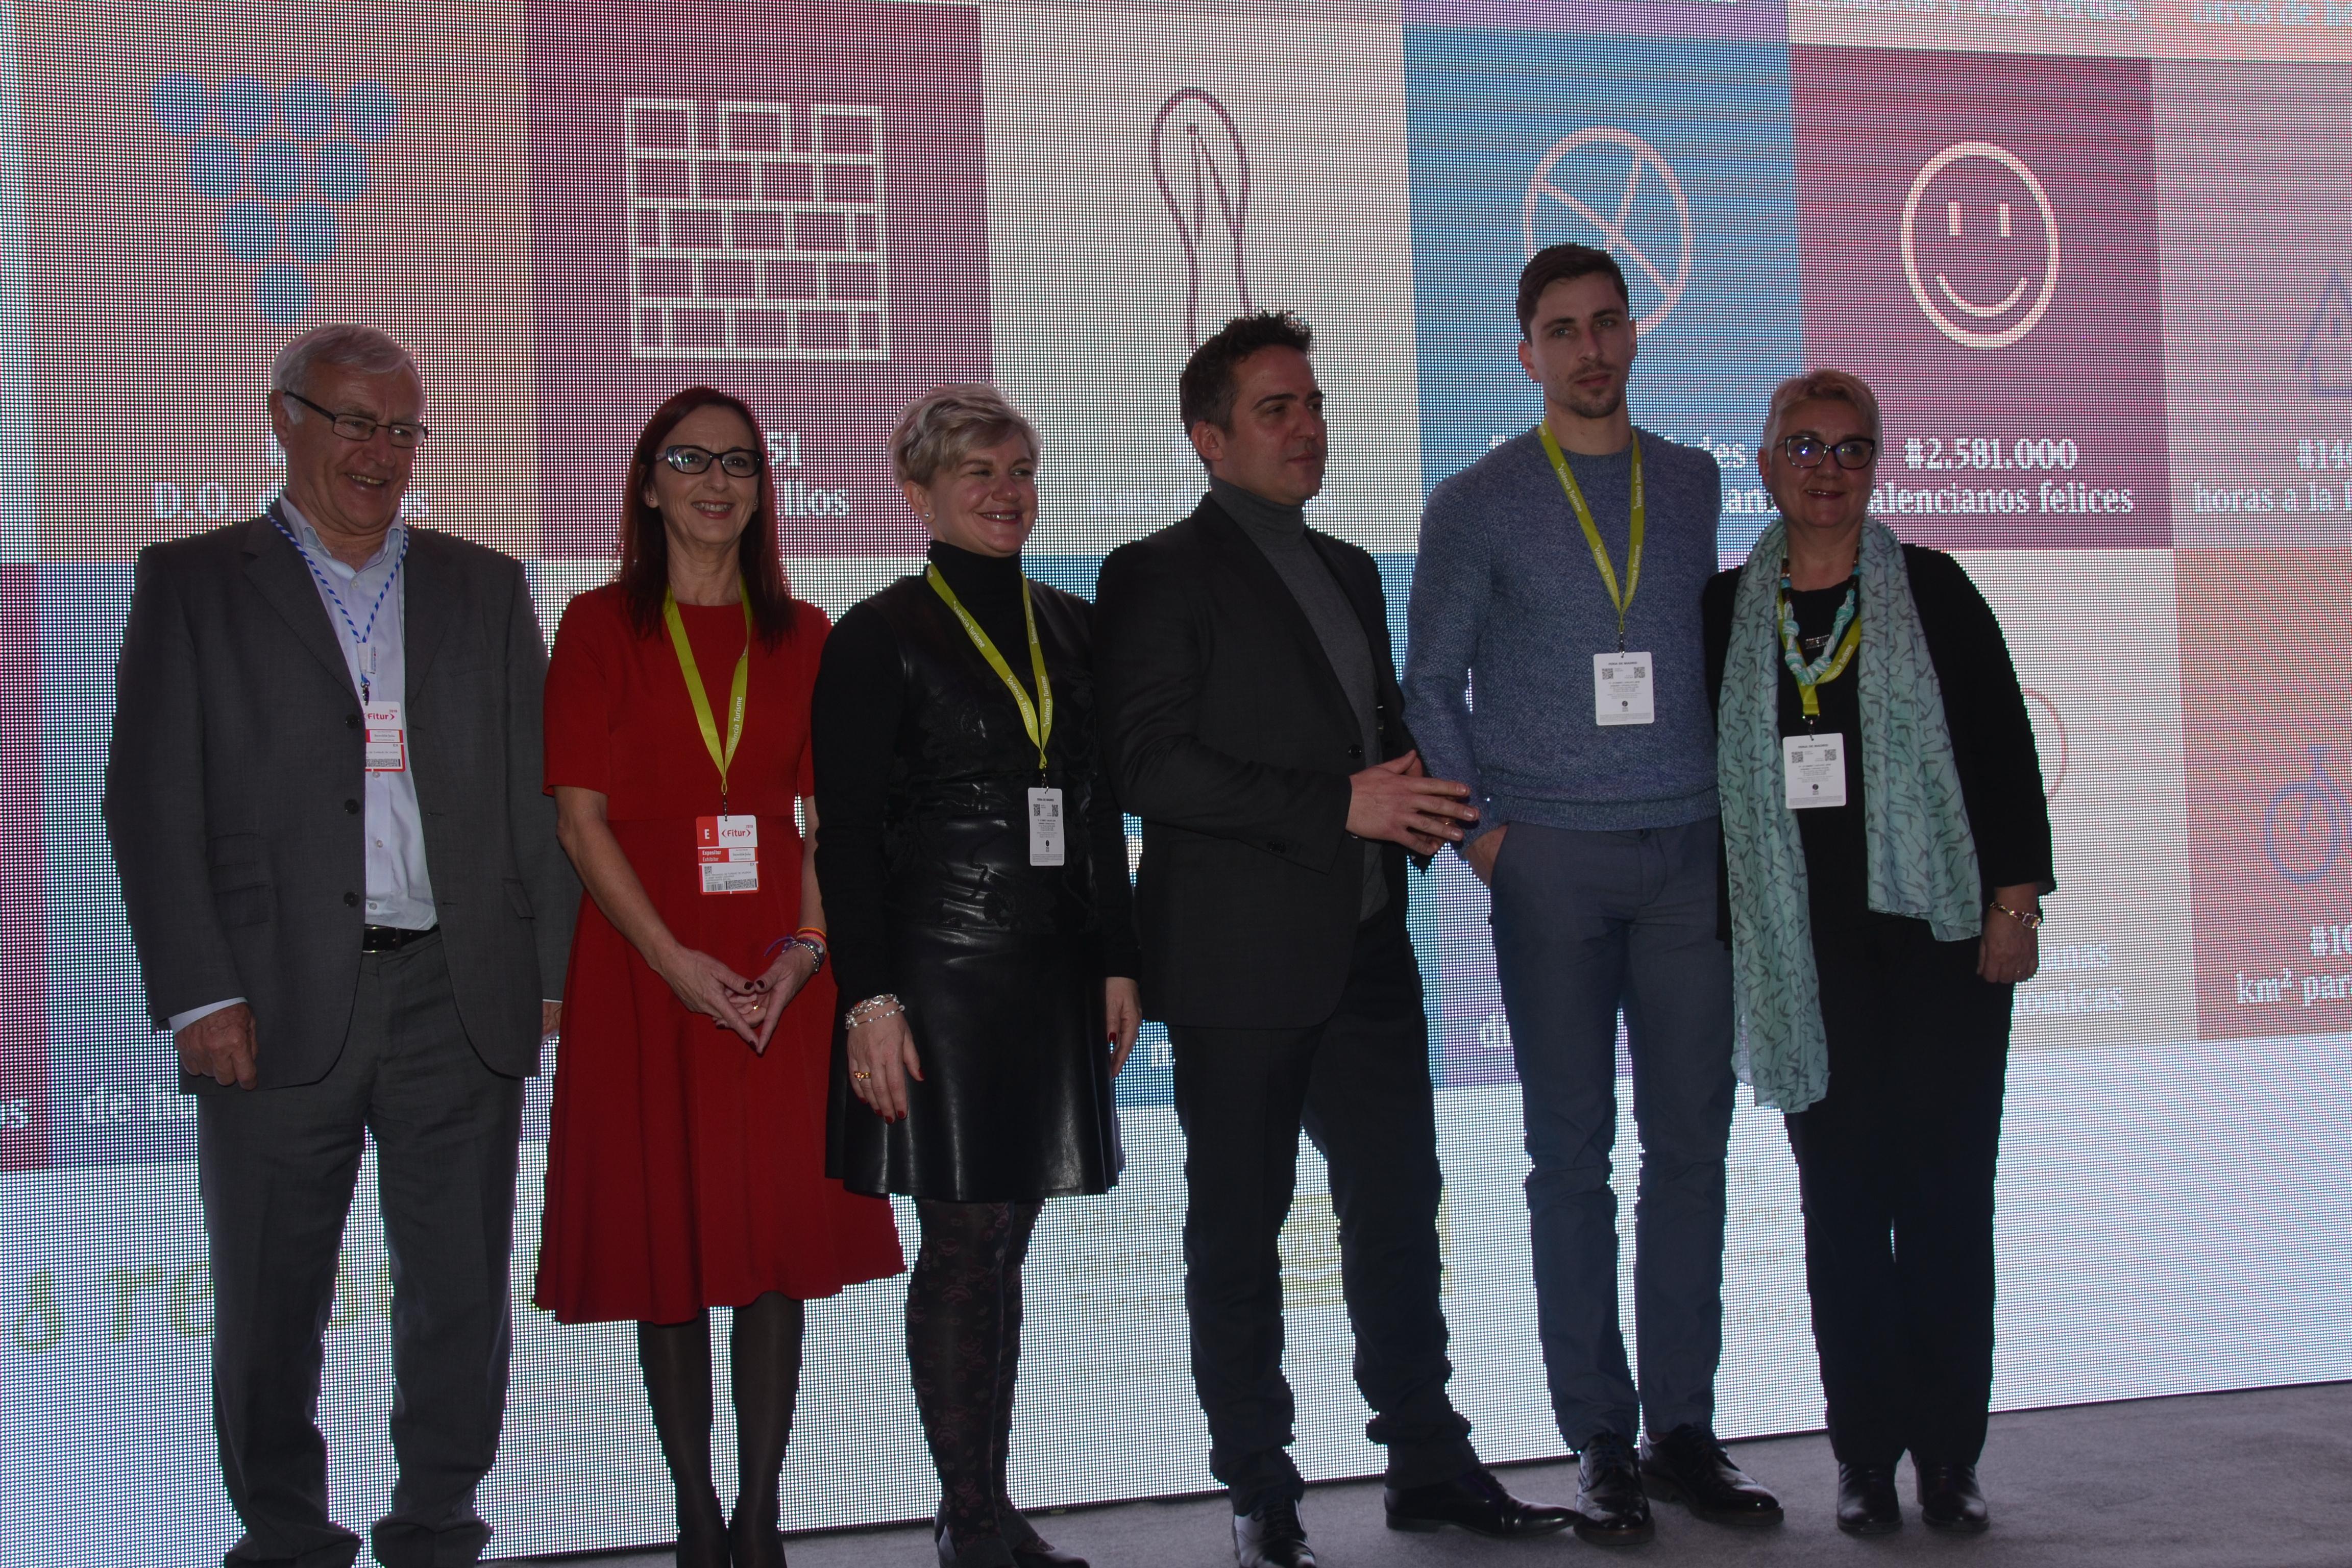 alència Turisme presenta en FITUR els projectes turístics per a 2018 que pivotaran sobre el caràcter genuí valencià, el clima i la gastronomia que fan únic al territorio valencià.